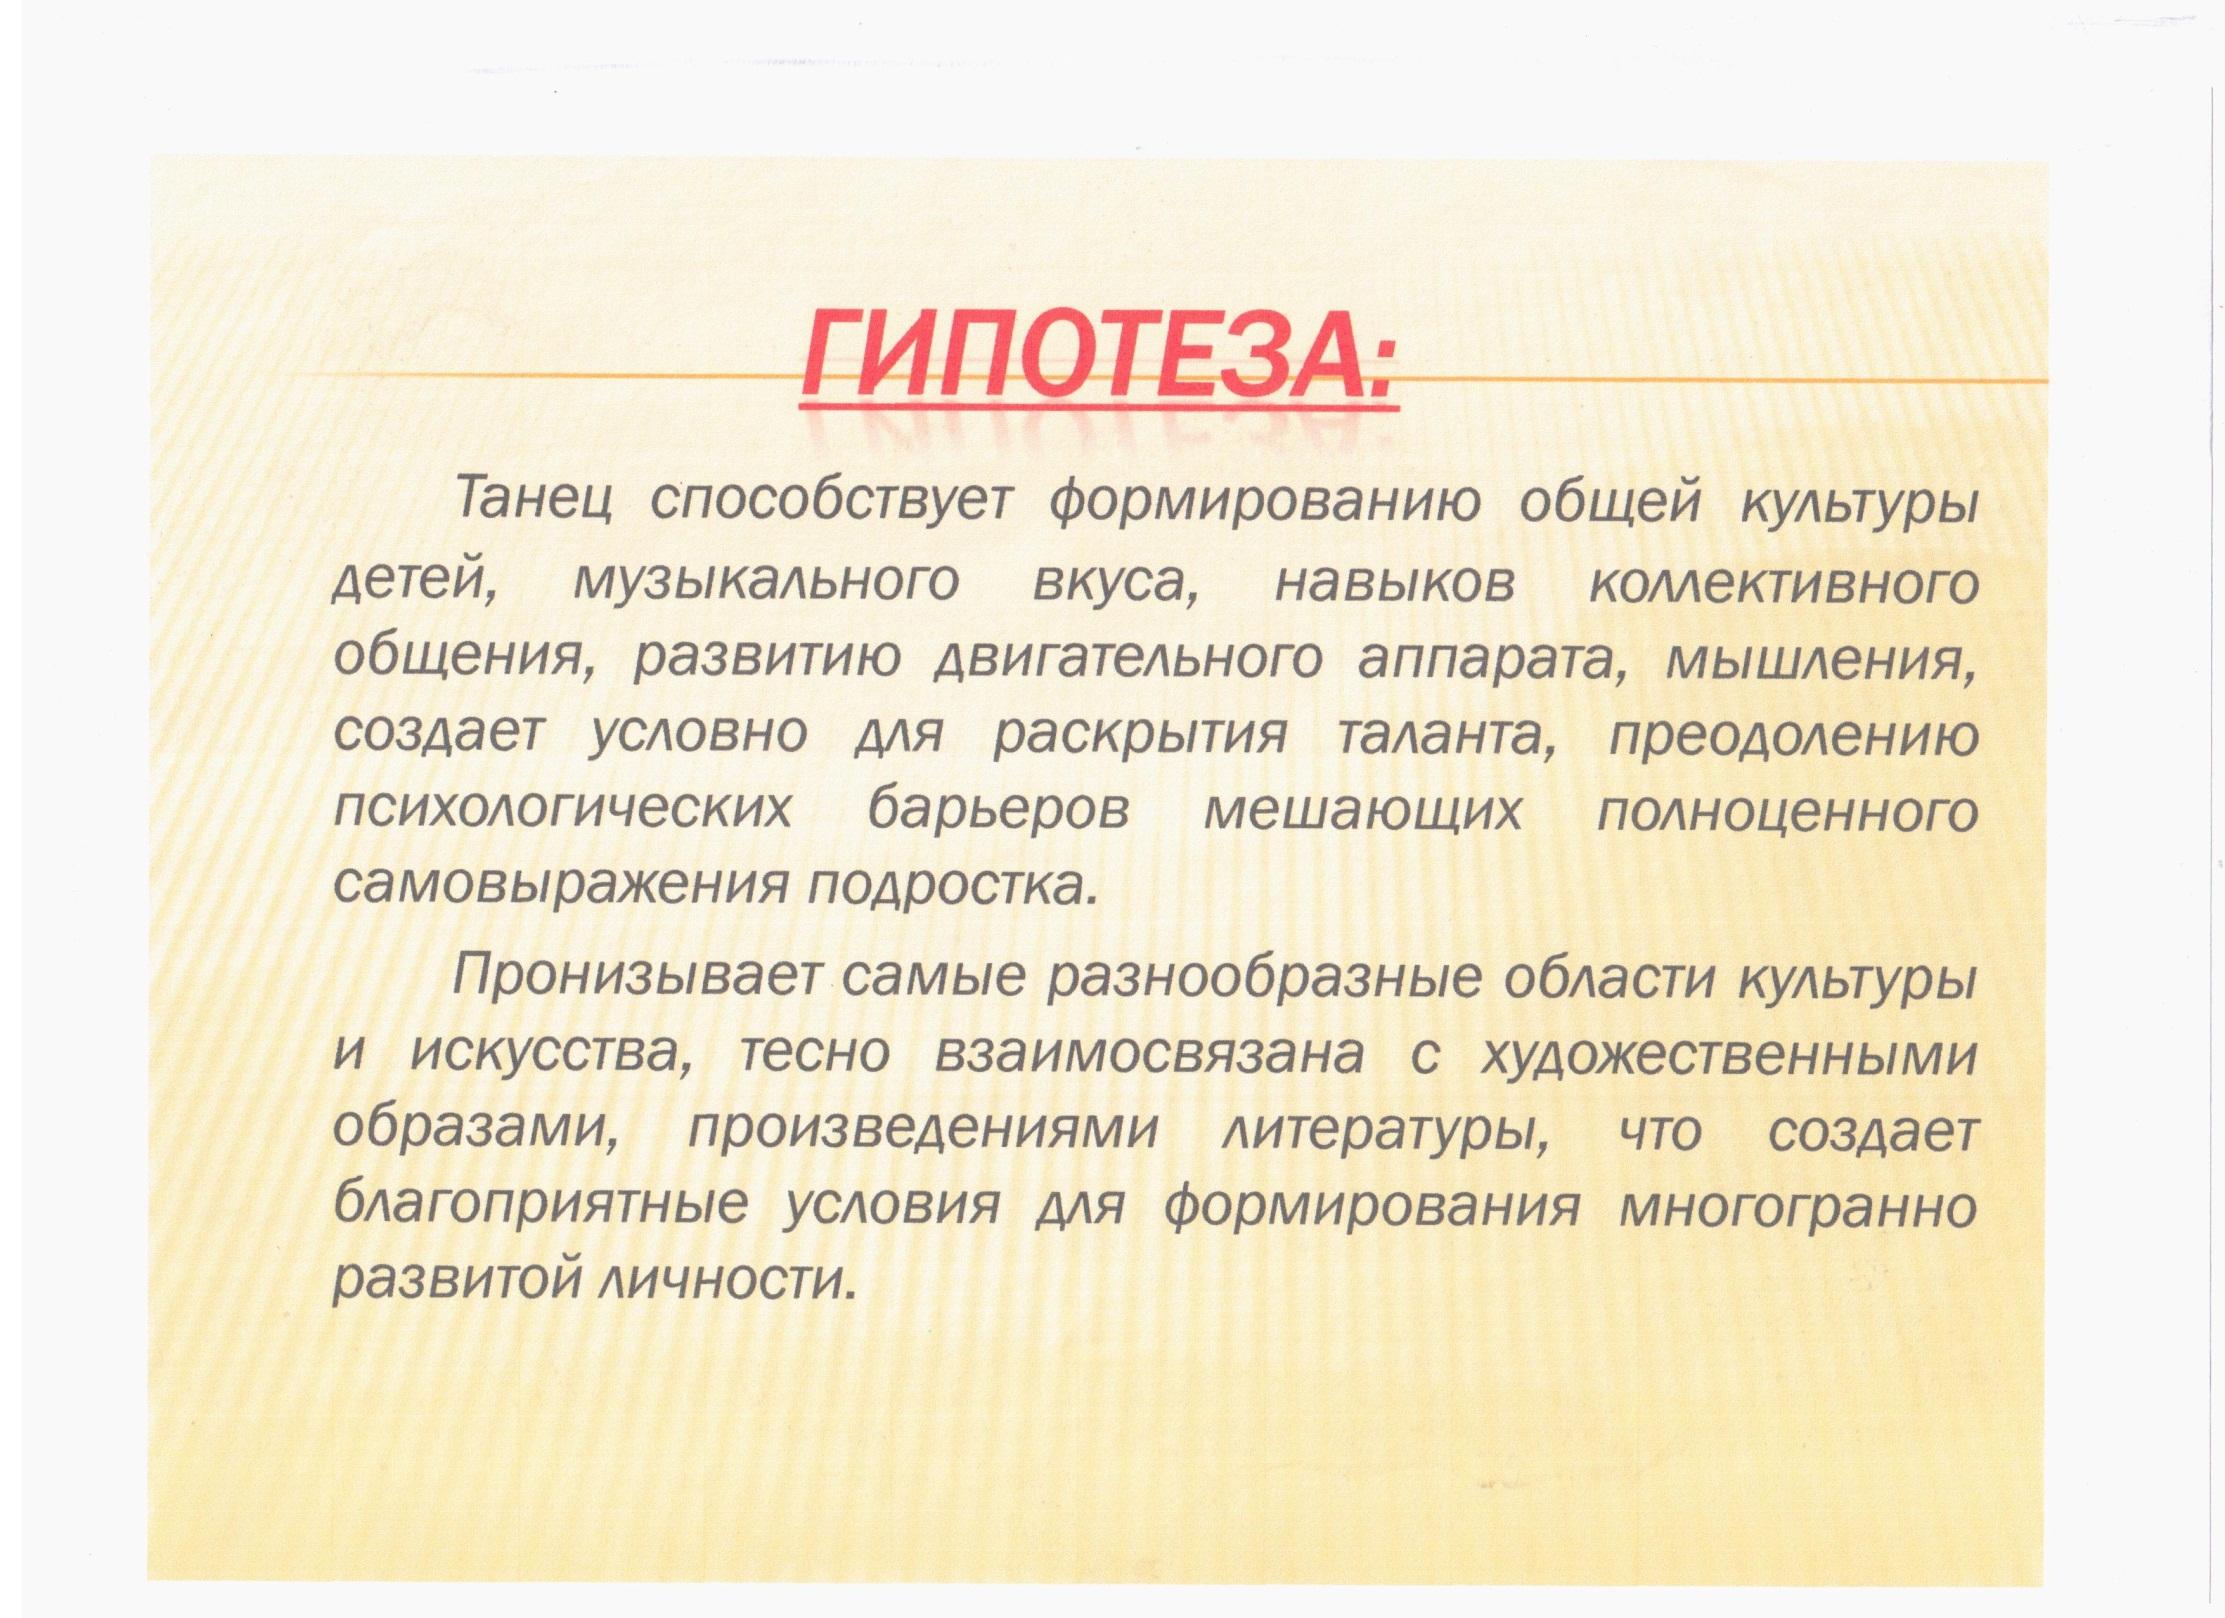 C:\Users\Администратор\Documents\аттестация\доклад мир танца\а6.jpeg